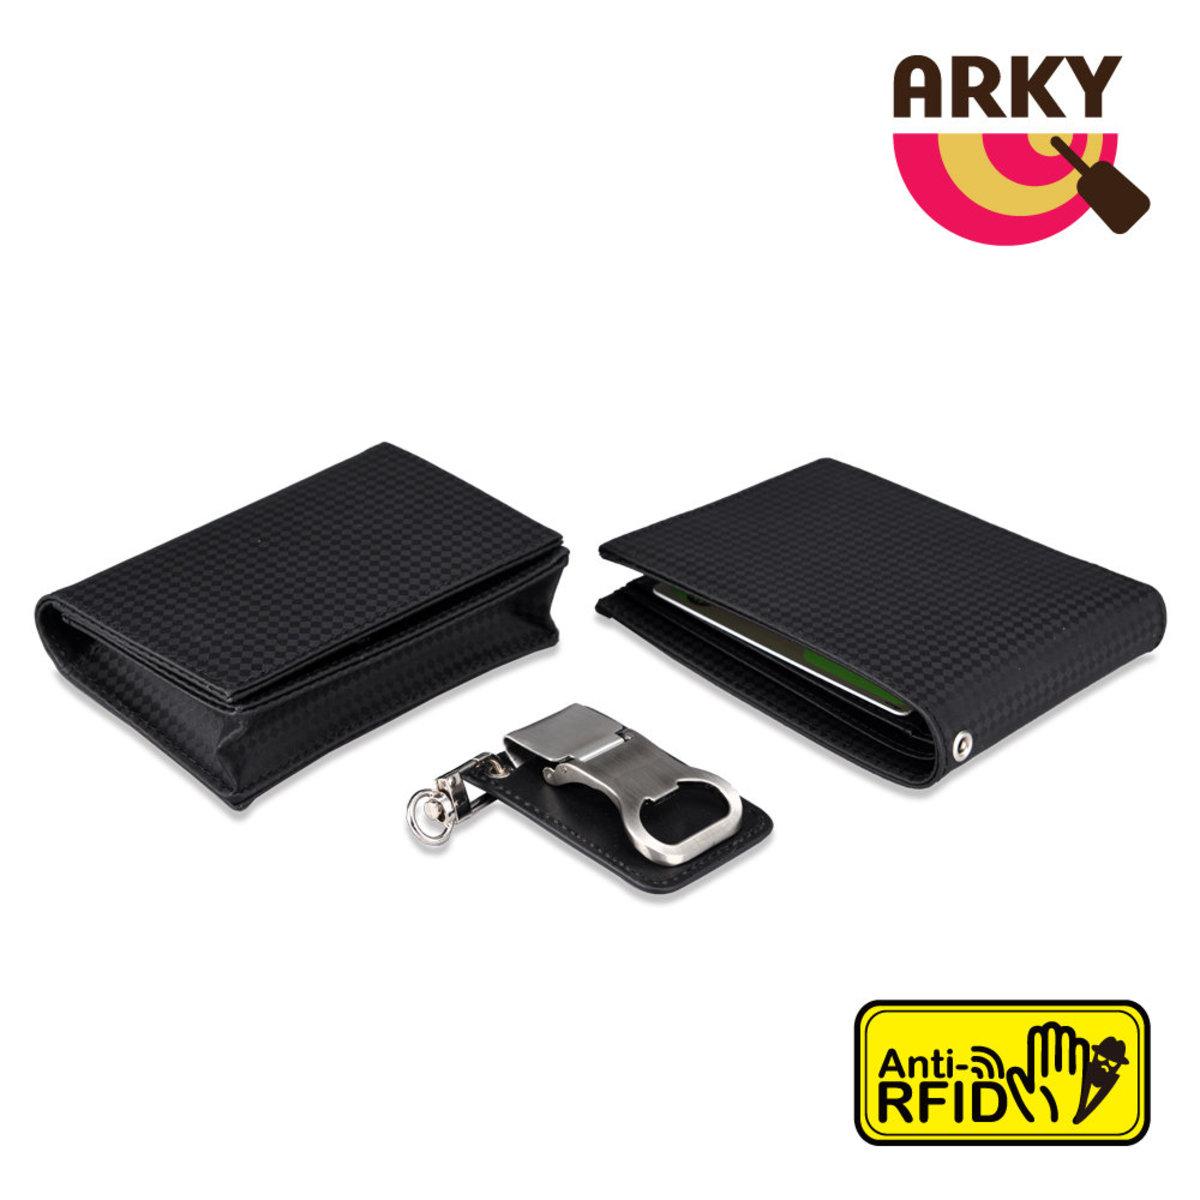 ARKY Guardian Set X